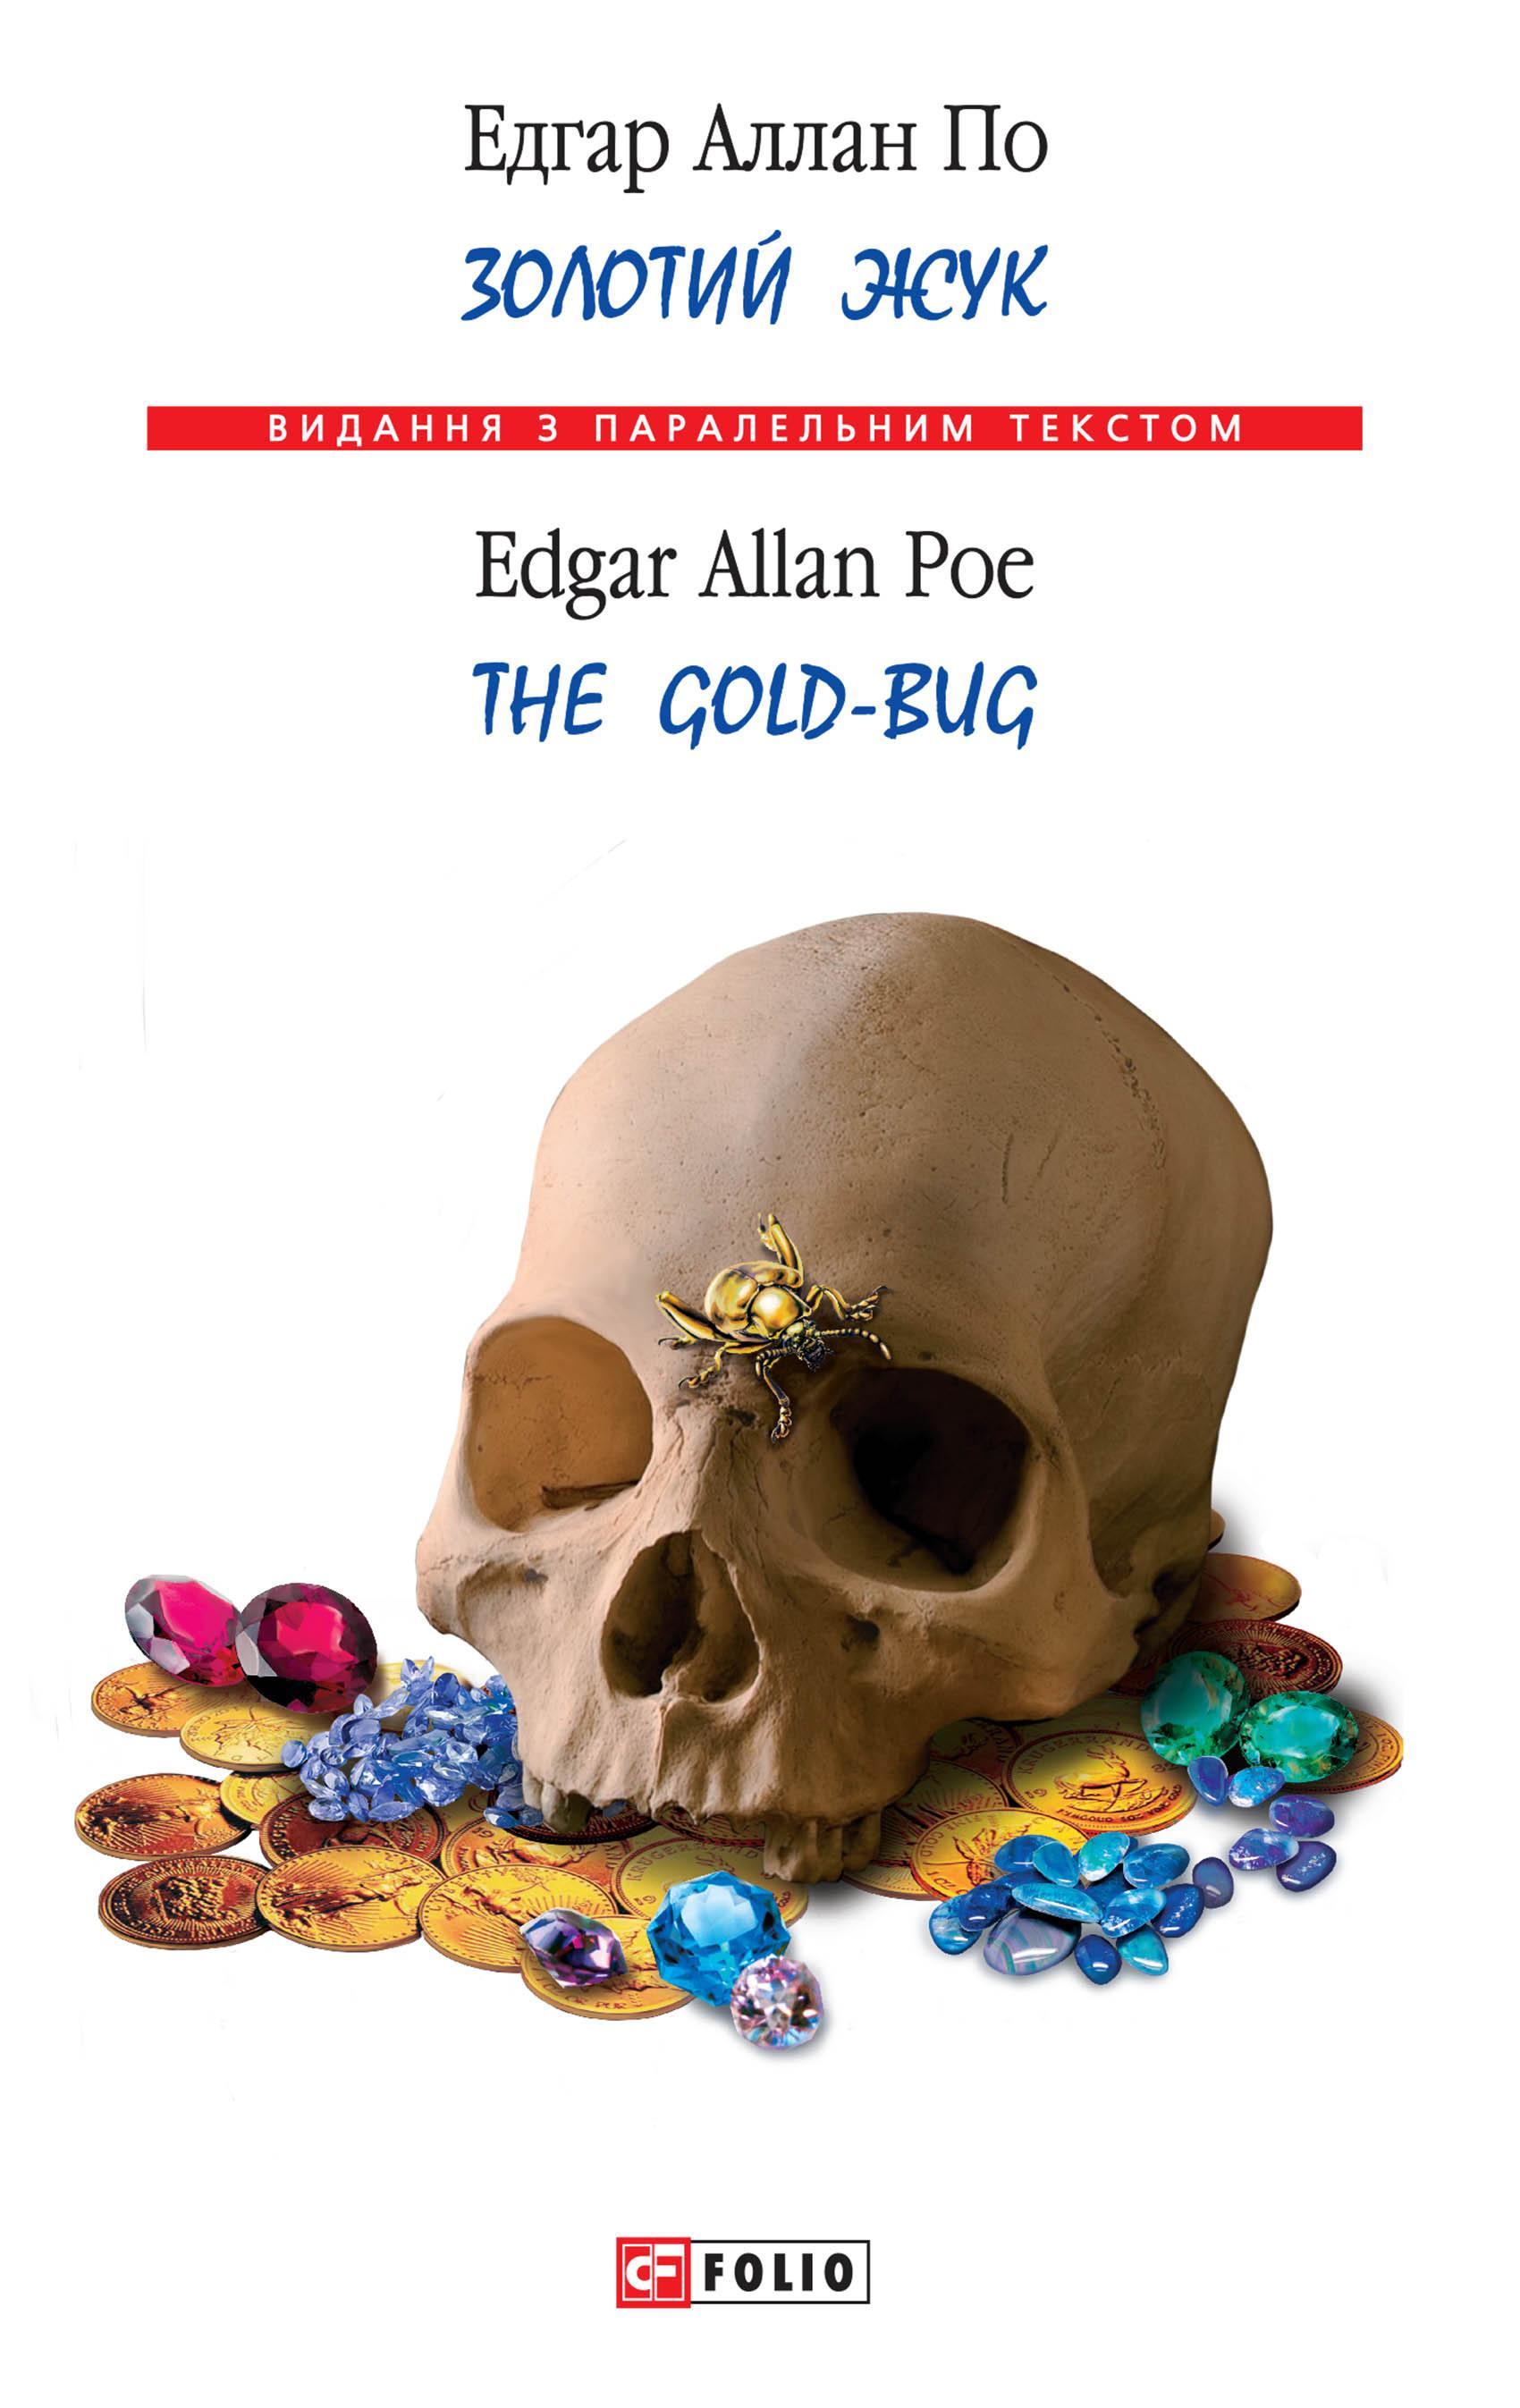 Золотой жук / The Gold-bug (сборник)